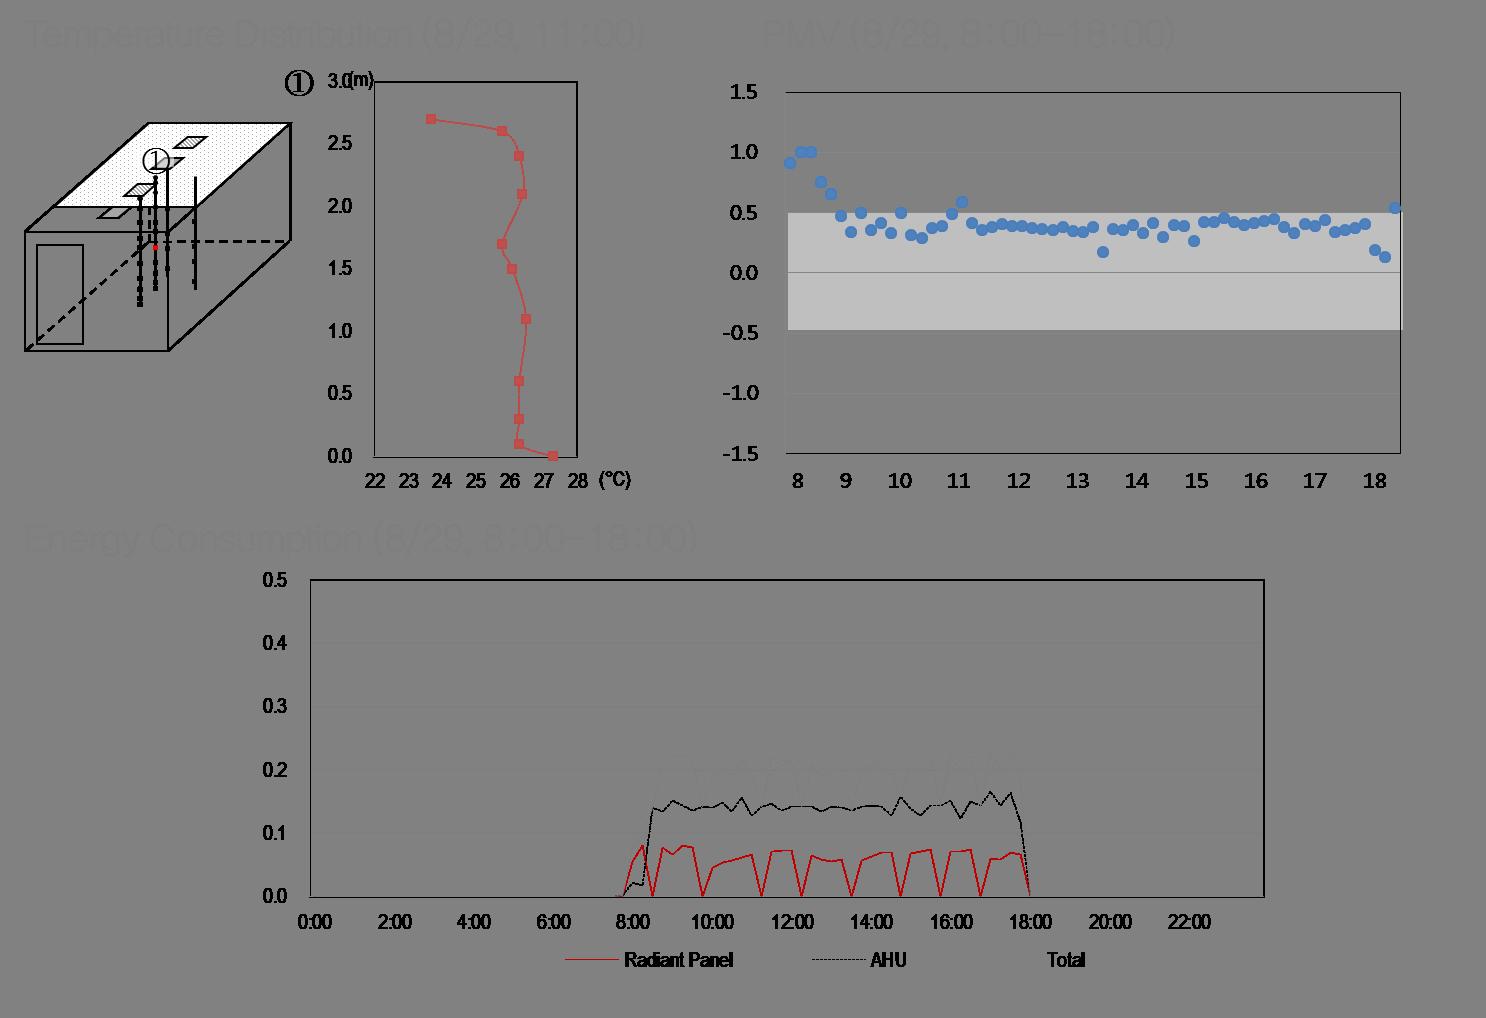 포스코그린빌딩 요소기술 실험 데이터